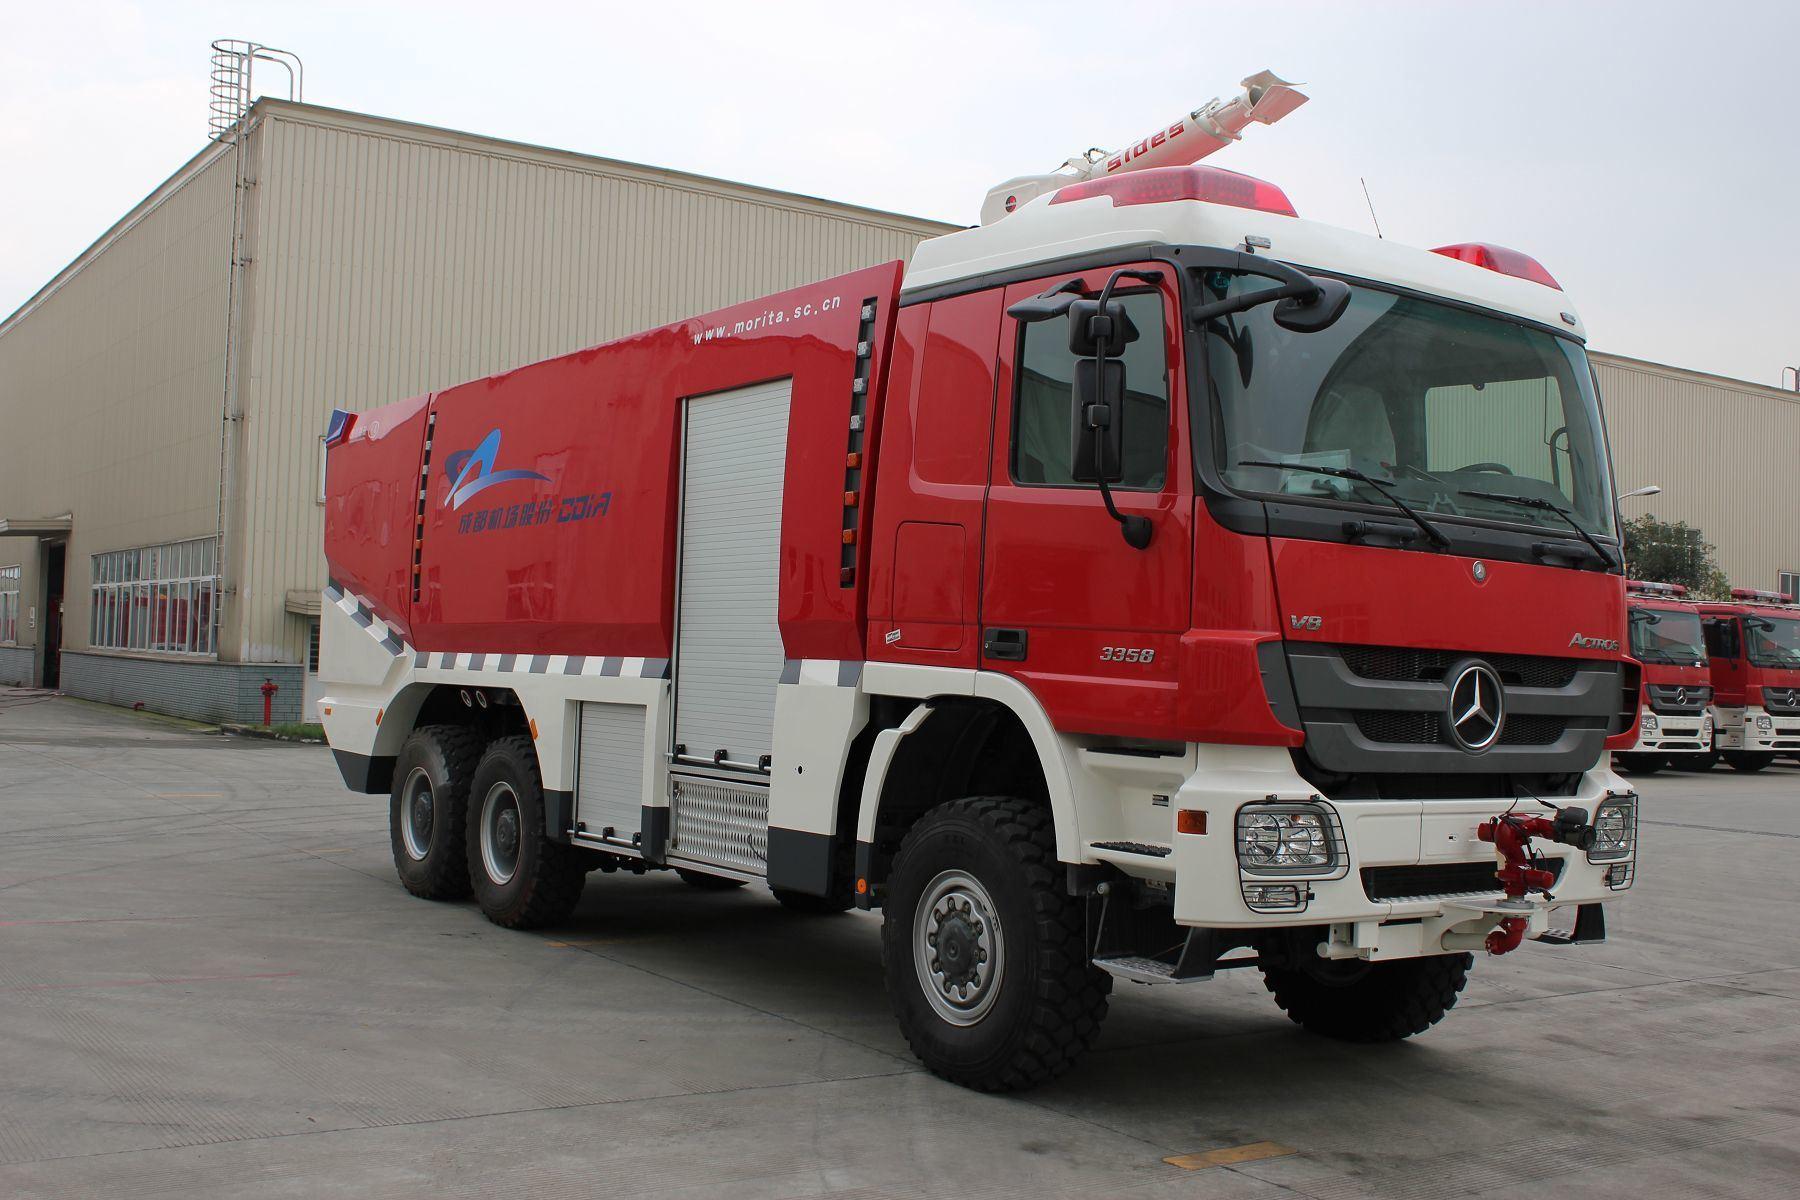 camion dei vigili del fuoco della gomma piuma dell 39 aeroporto del ben sxf5280gxfjx100b camion. Black Bedroom Furniture Sets. Home Design Ideas